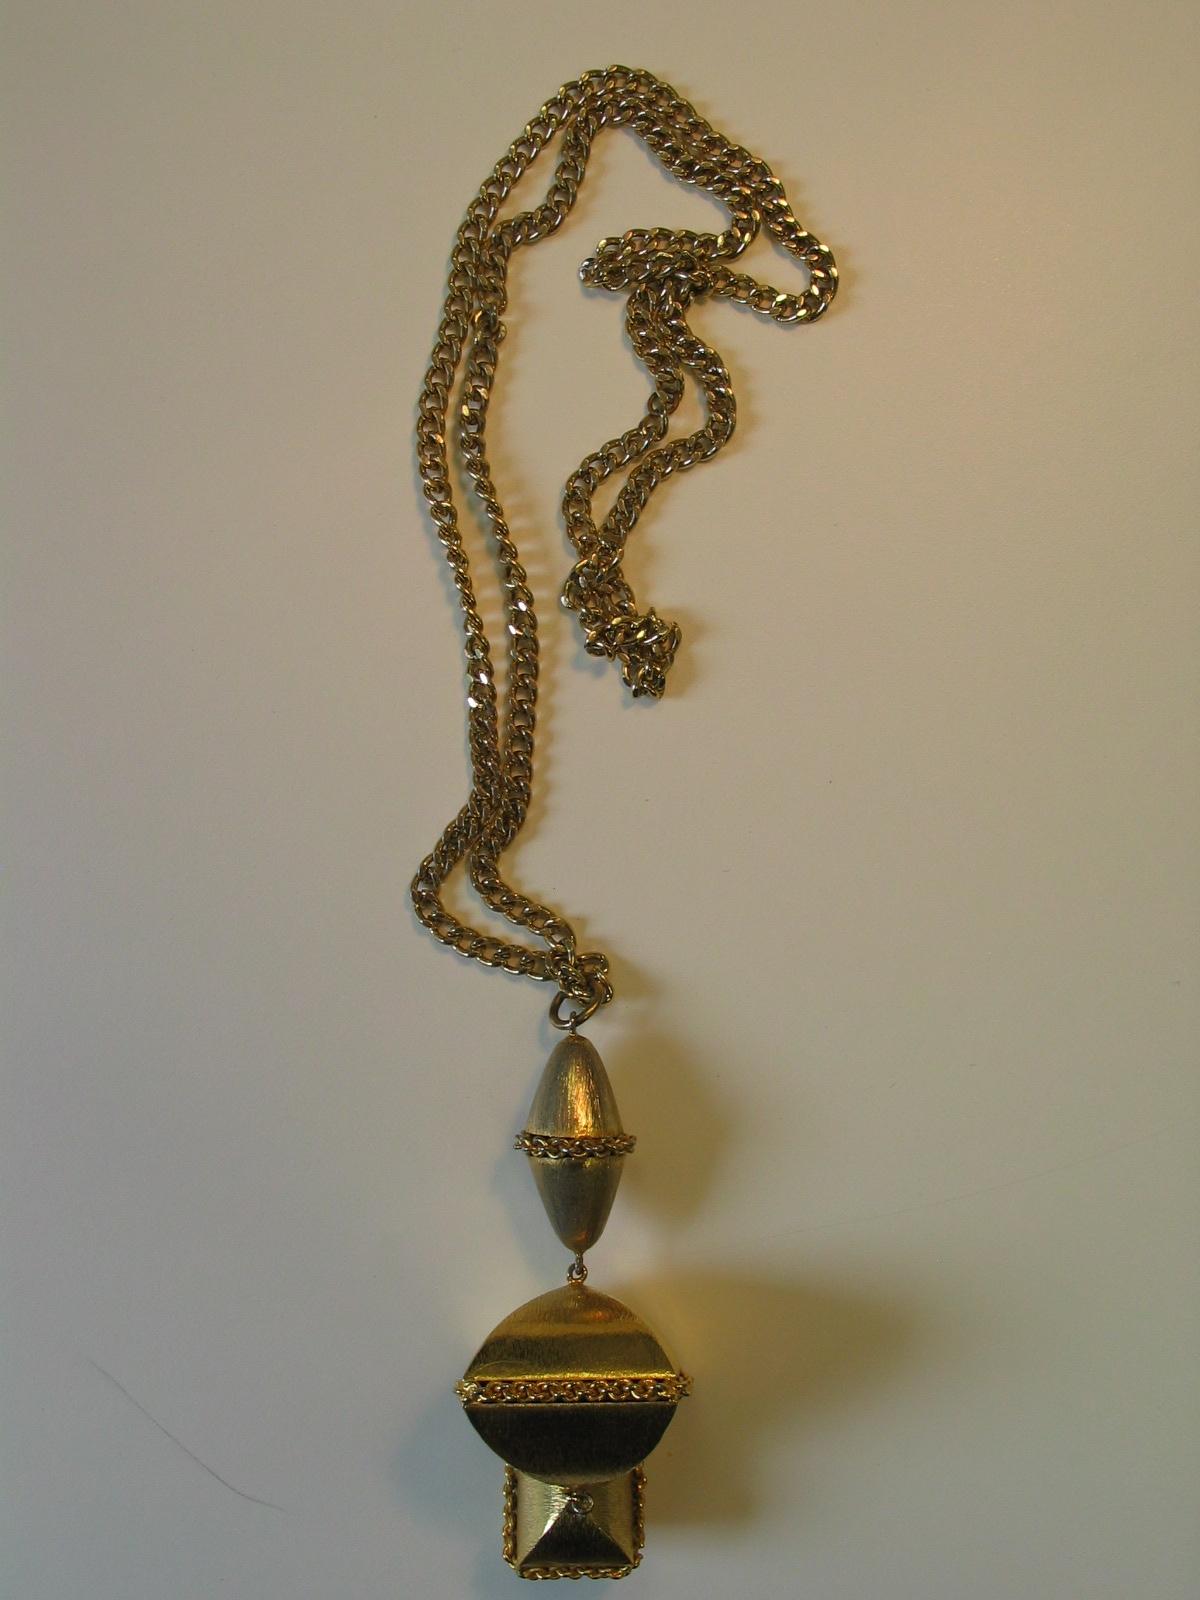 Colgante de tres cuerpos con prismas en metal dorado